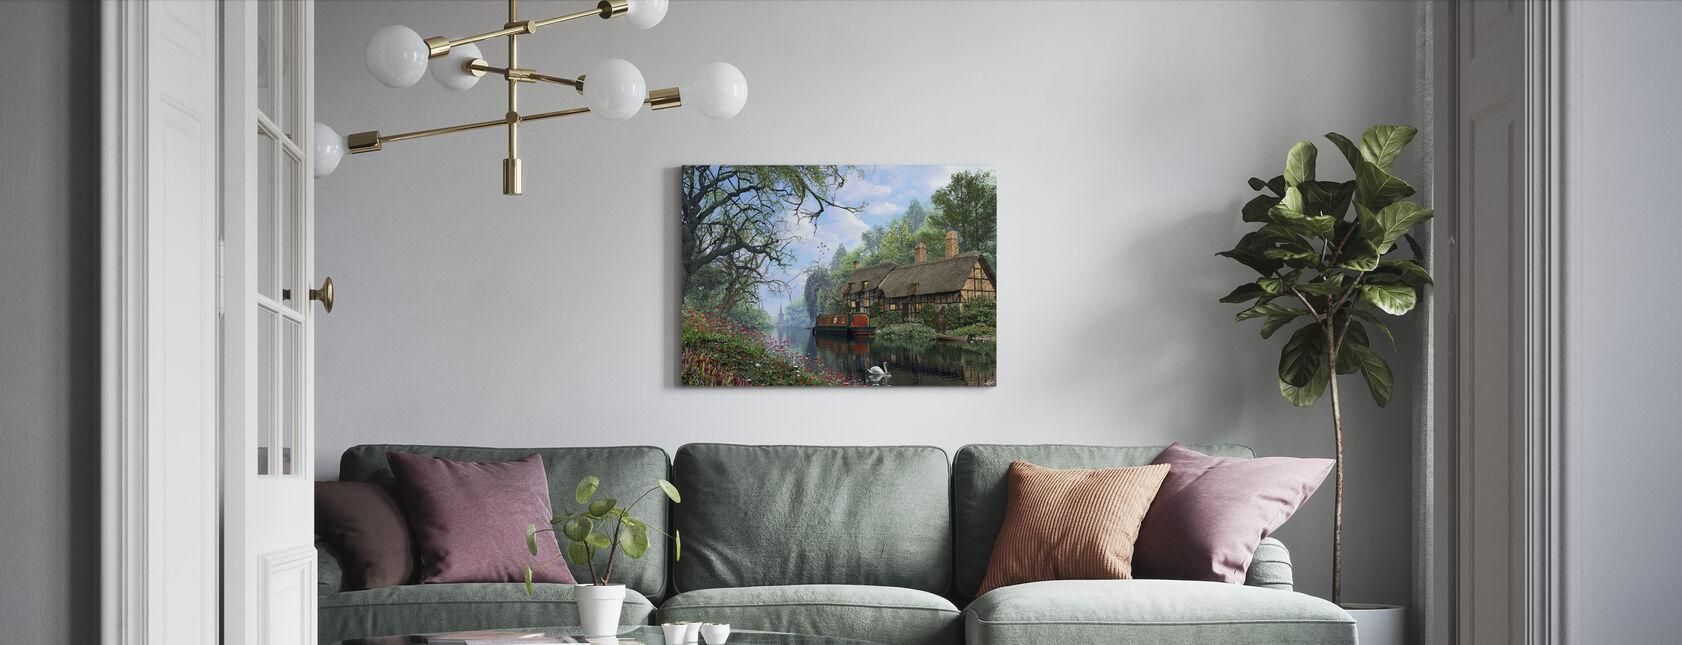 Oud Bos Kanaal - Canvas print - Woonkamer